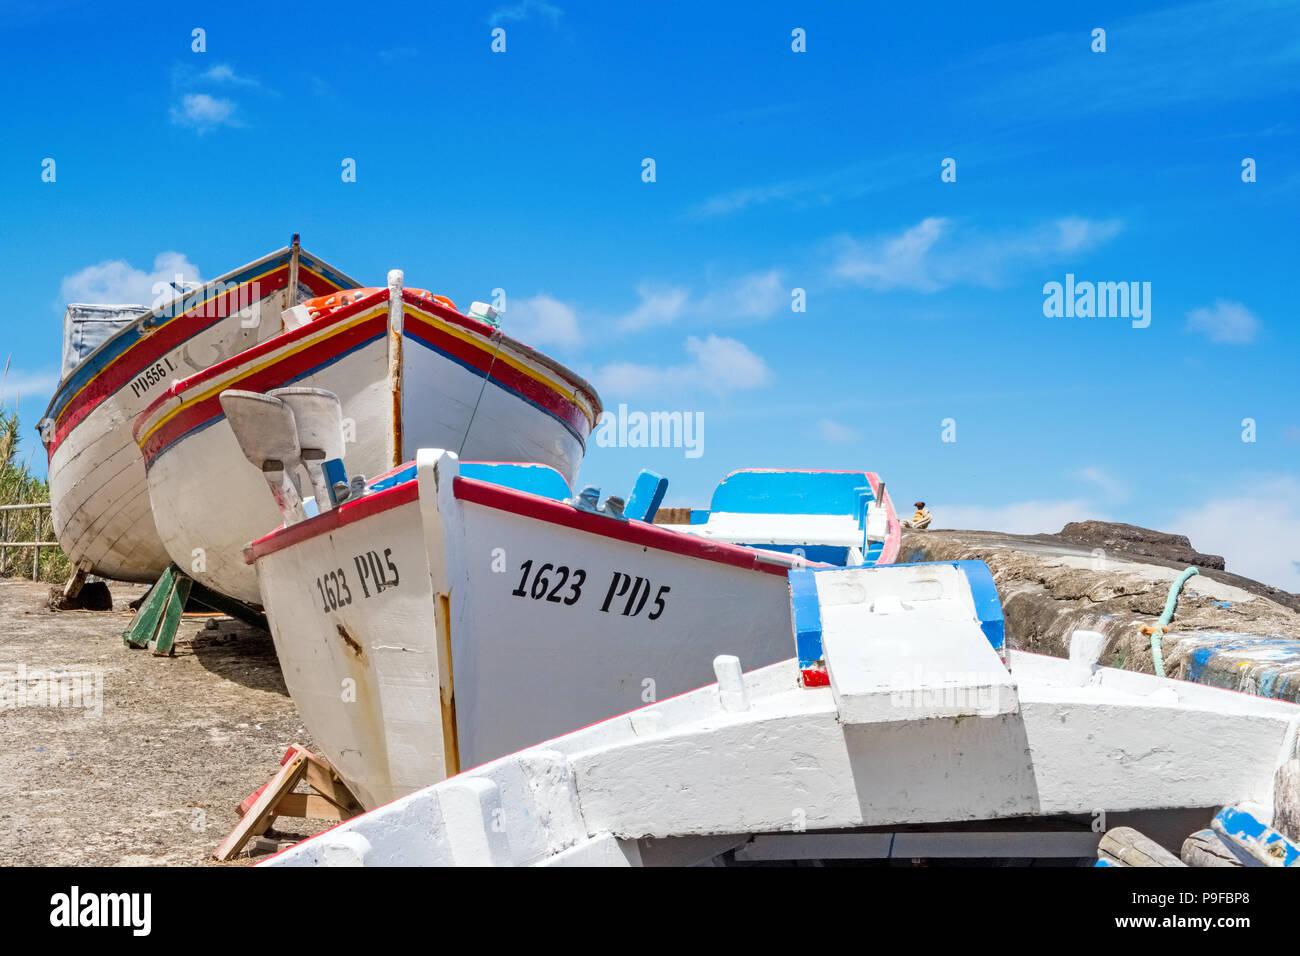 Bateaux de pêche en bois et un ciel bleu sur Sao Miguel, aux Açores Photo Stock